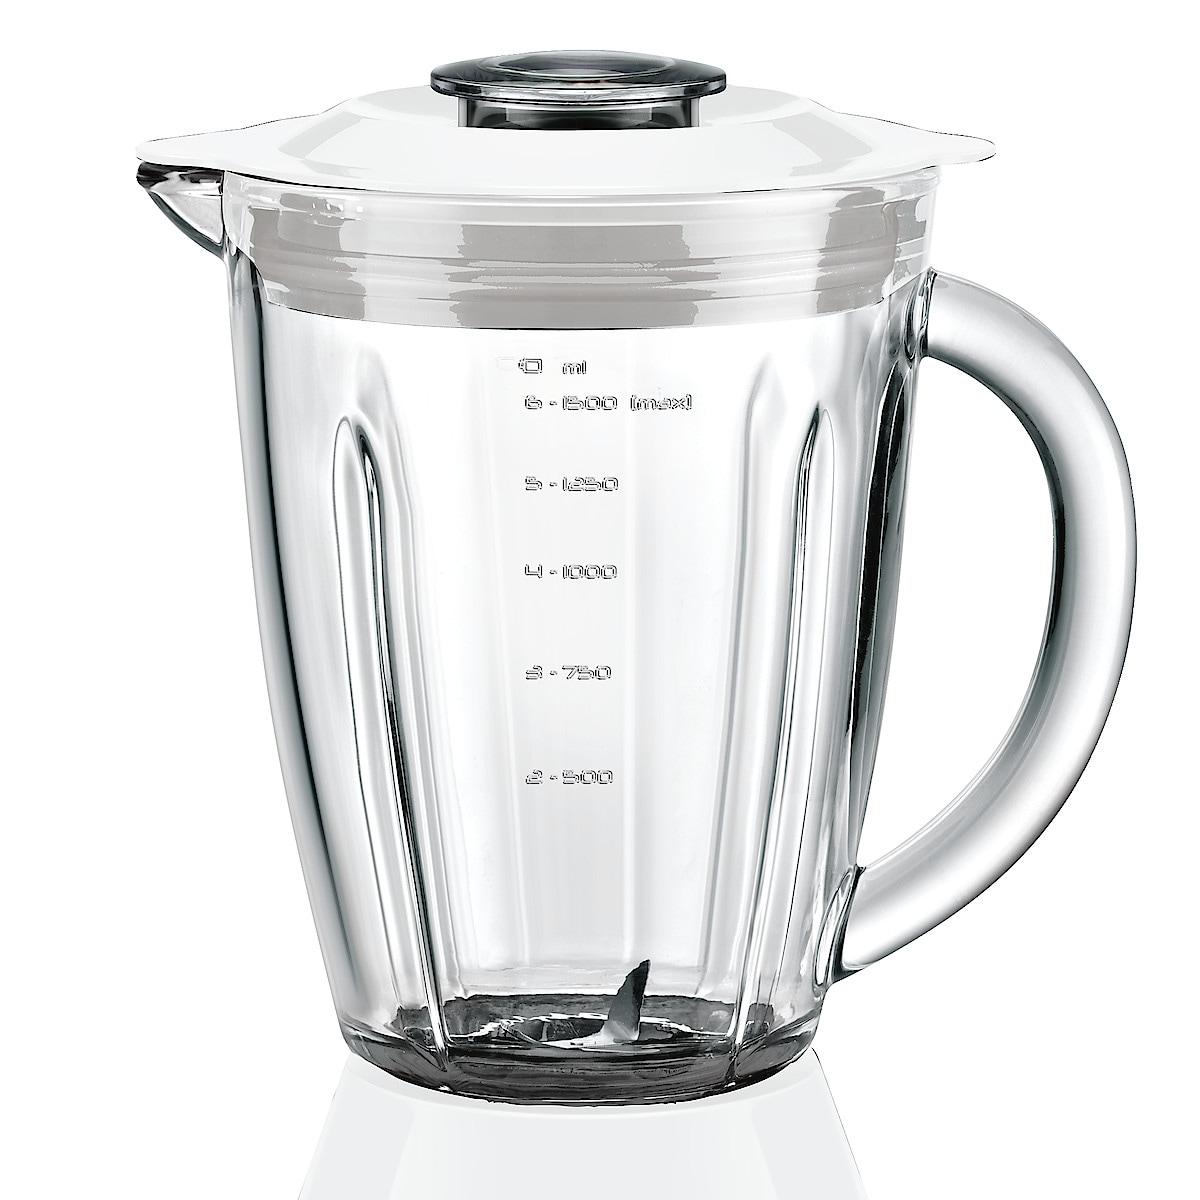 Electrolux ESB2350 blender